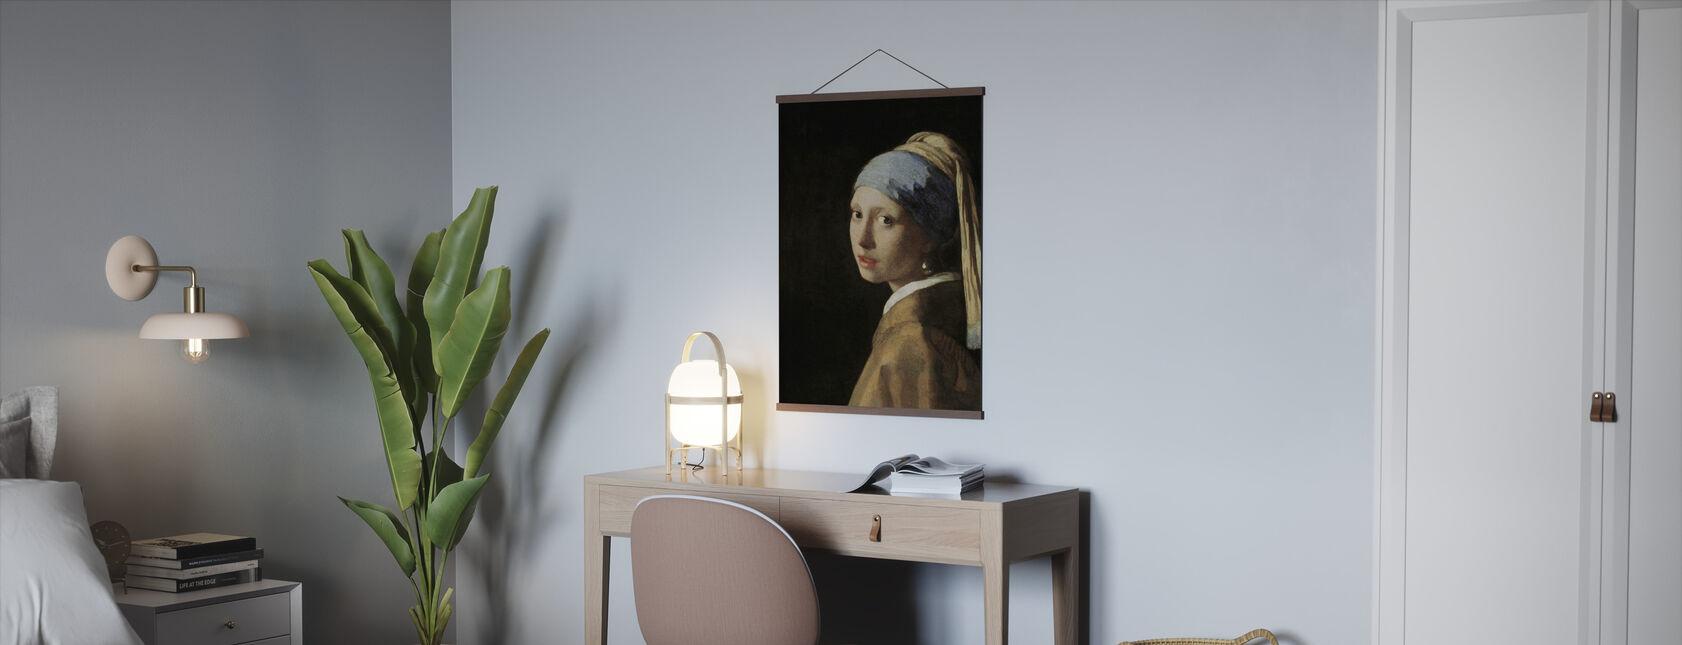 Jente med perleørering, Jan Vermeer - Plakat - Kontor